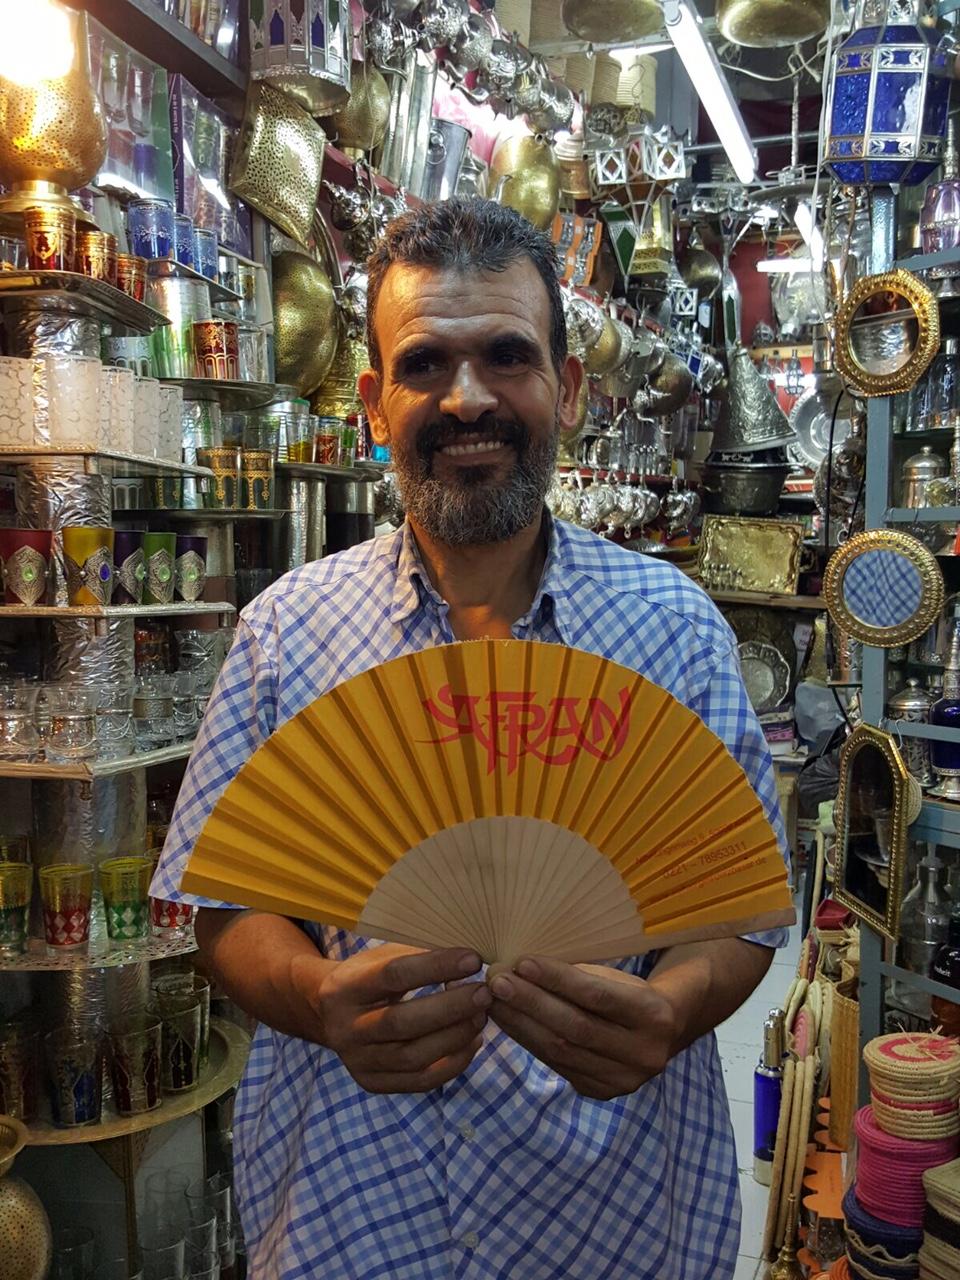 Der Glashändler in Marrakesch mit dem Safran Fächer